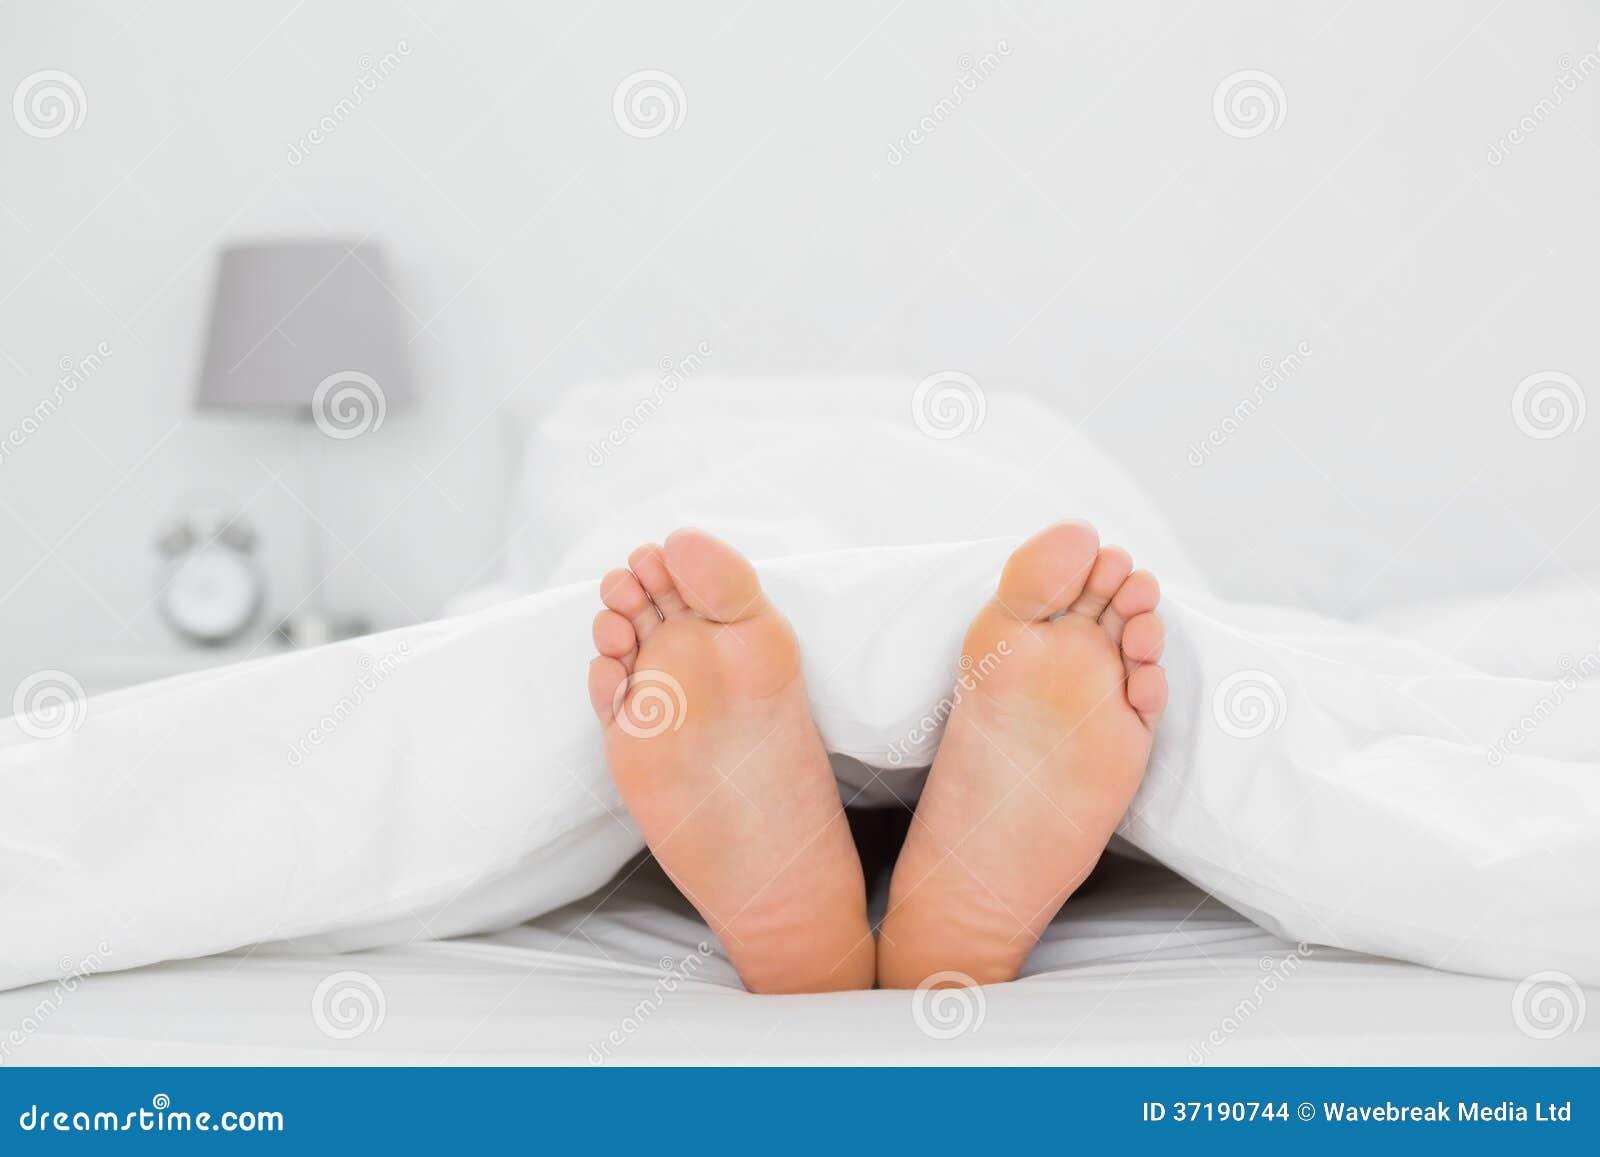 Фото ног в кровате 4 фотография